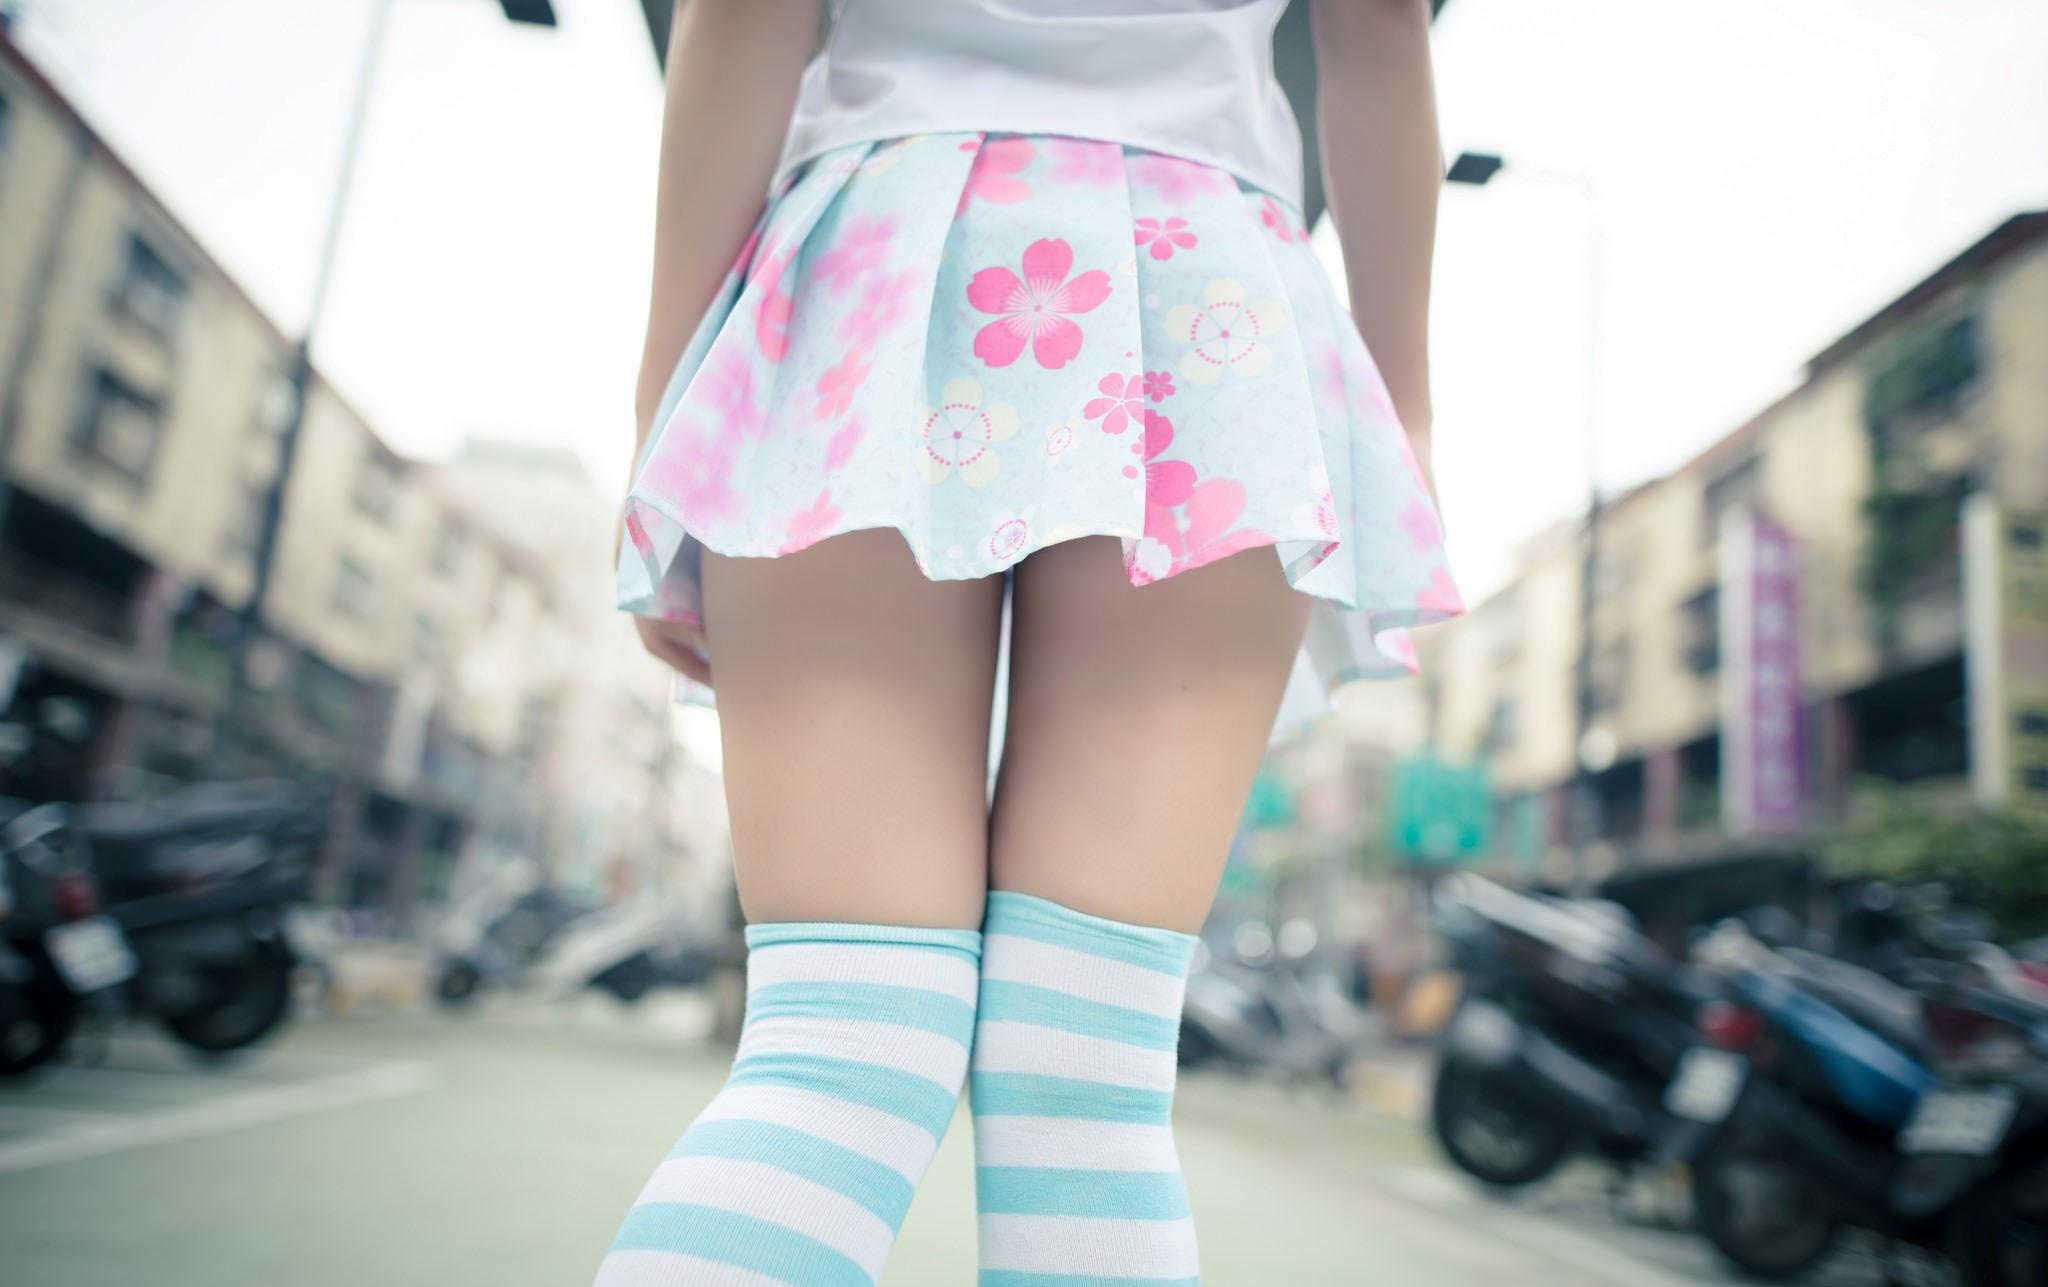 【兔玩映画】腿控福利-杂图集锦 兔玩映画 第46张